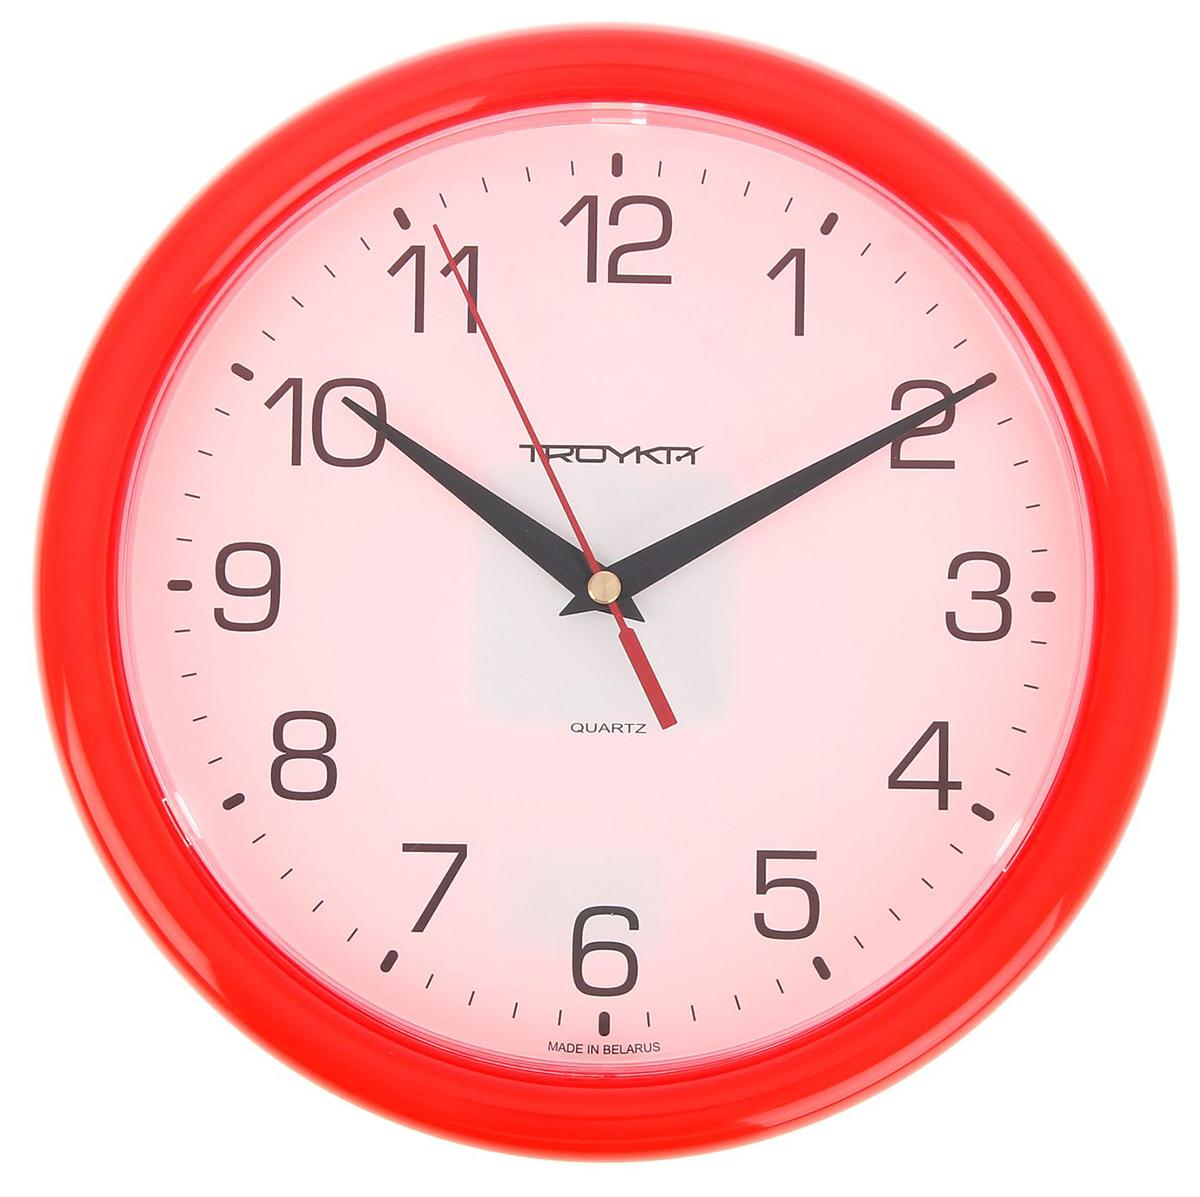 """Часы настенные круглые Every Day, d=24,5 см, белый циферблат, рама красная — сувенир в полном смысле этого слова. И главная его задача — хранить воспоминание о месте, где вы побывали, или о том человеке, который подарил данный предмет. Преподнесите эту вещь своему другу, и она станет достойным украшением его дома. Каждому хозяину периодически приходит мысль обновить свою квартиру, сделать ремонт, перестановку или кардинально поменять внешний вид каждой комнаты. Часы настенные круглые Every Day, d=24,5 см, белый циферблат, рама красная — привлекательная деталь, которая поможет воплотить вашу интерьерную идею, создать неповторимую атмосферу в вашем доме. Окружите себя приятными мелочами, пусть они радуют глаз и дарят гармонию.Часы настенные круглые """"Классика"""", красное кольцо, бел циферблат, 24,5 см микс 1256215"""